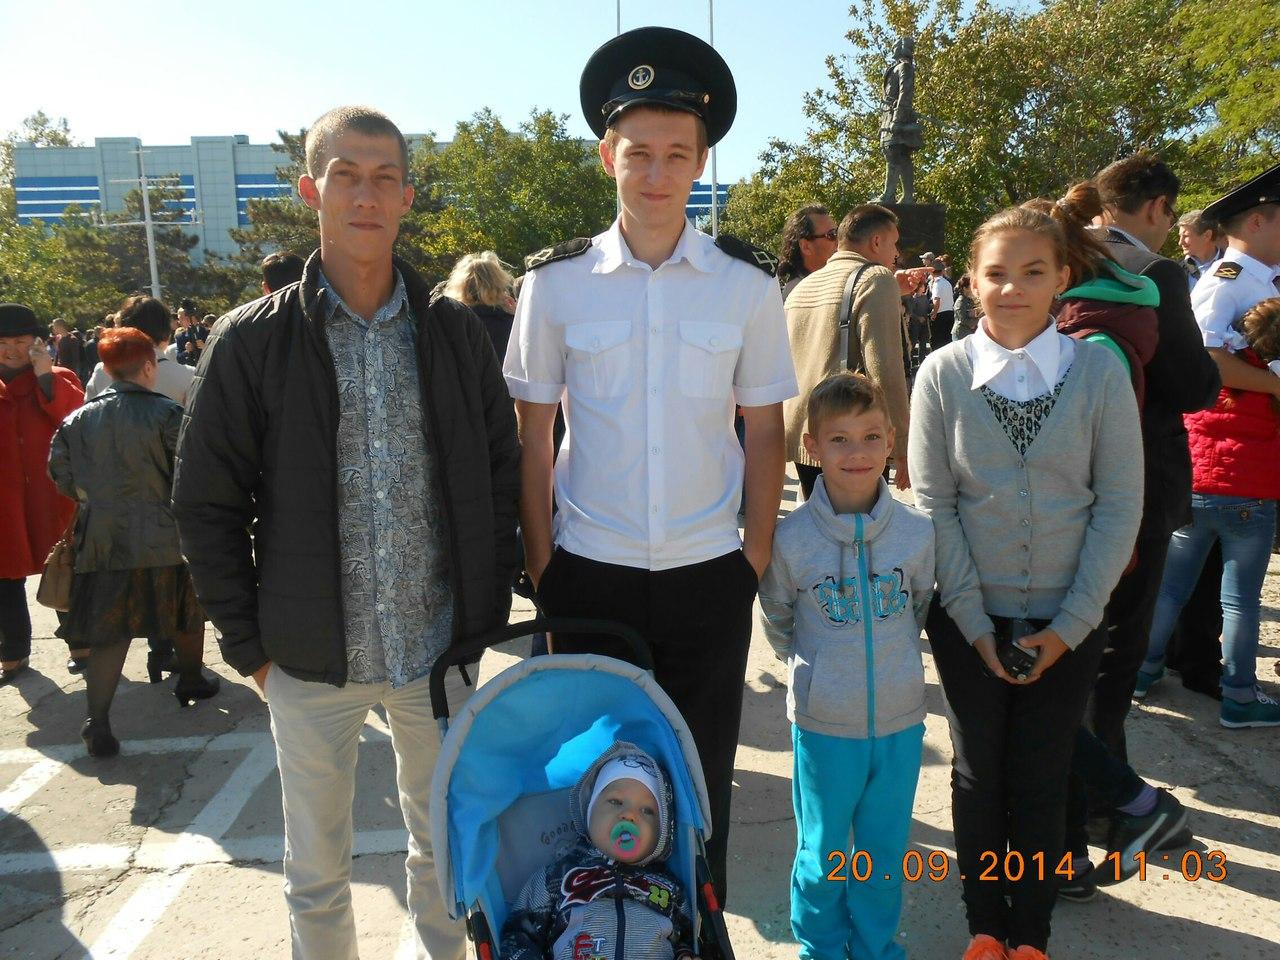 Борис Мащенко, Азов - фото №6